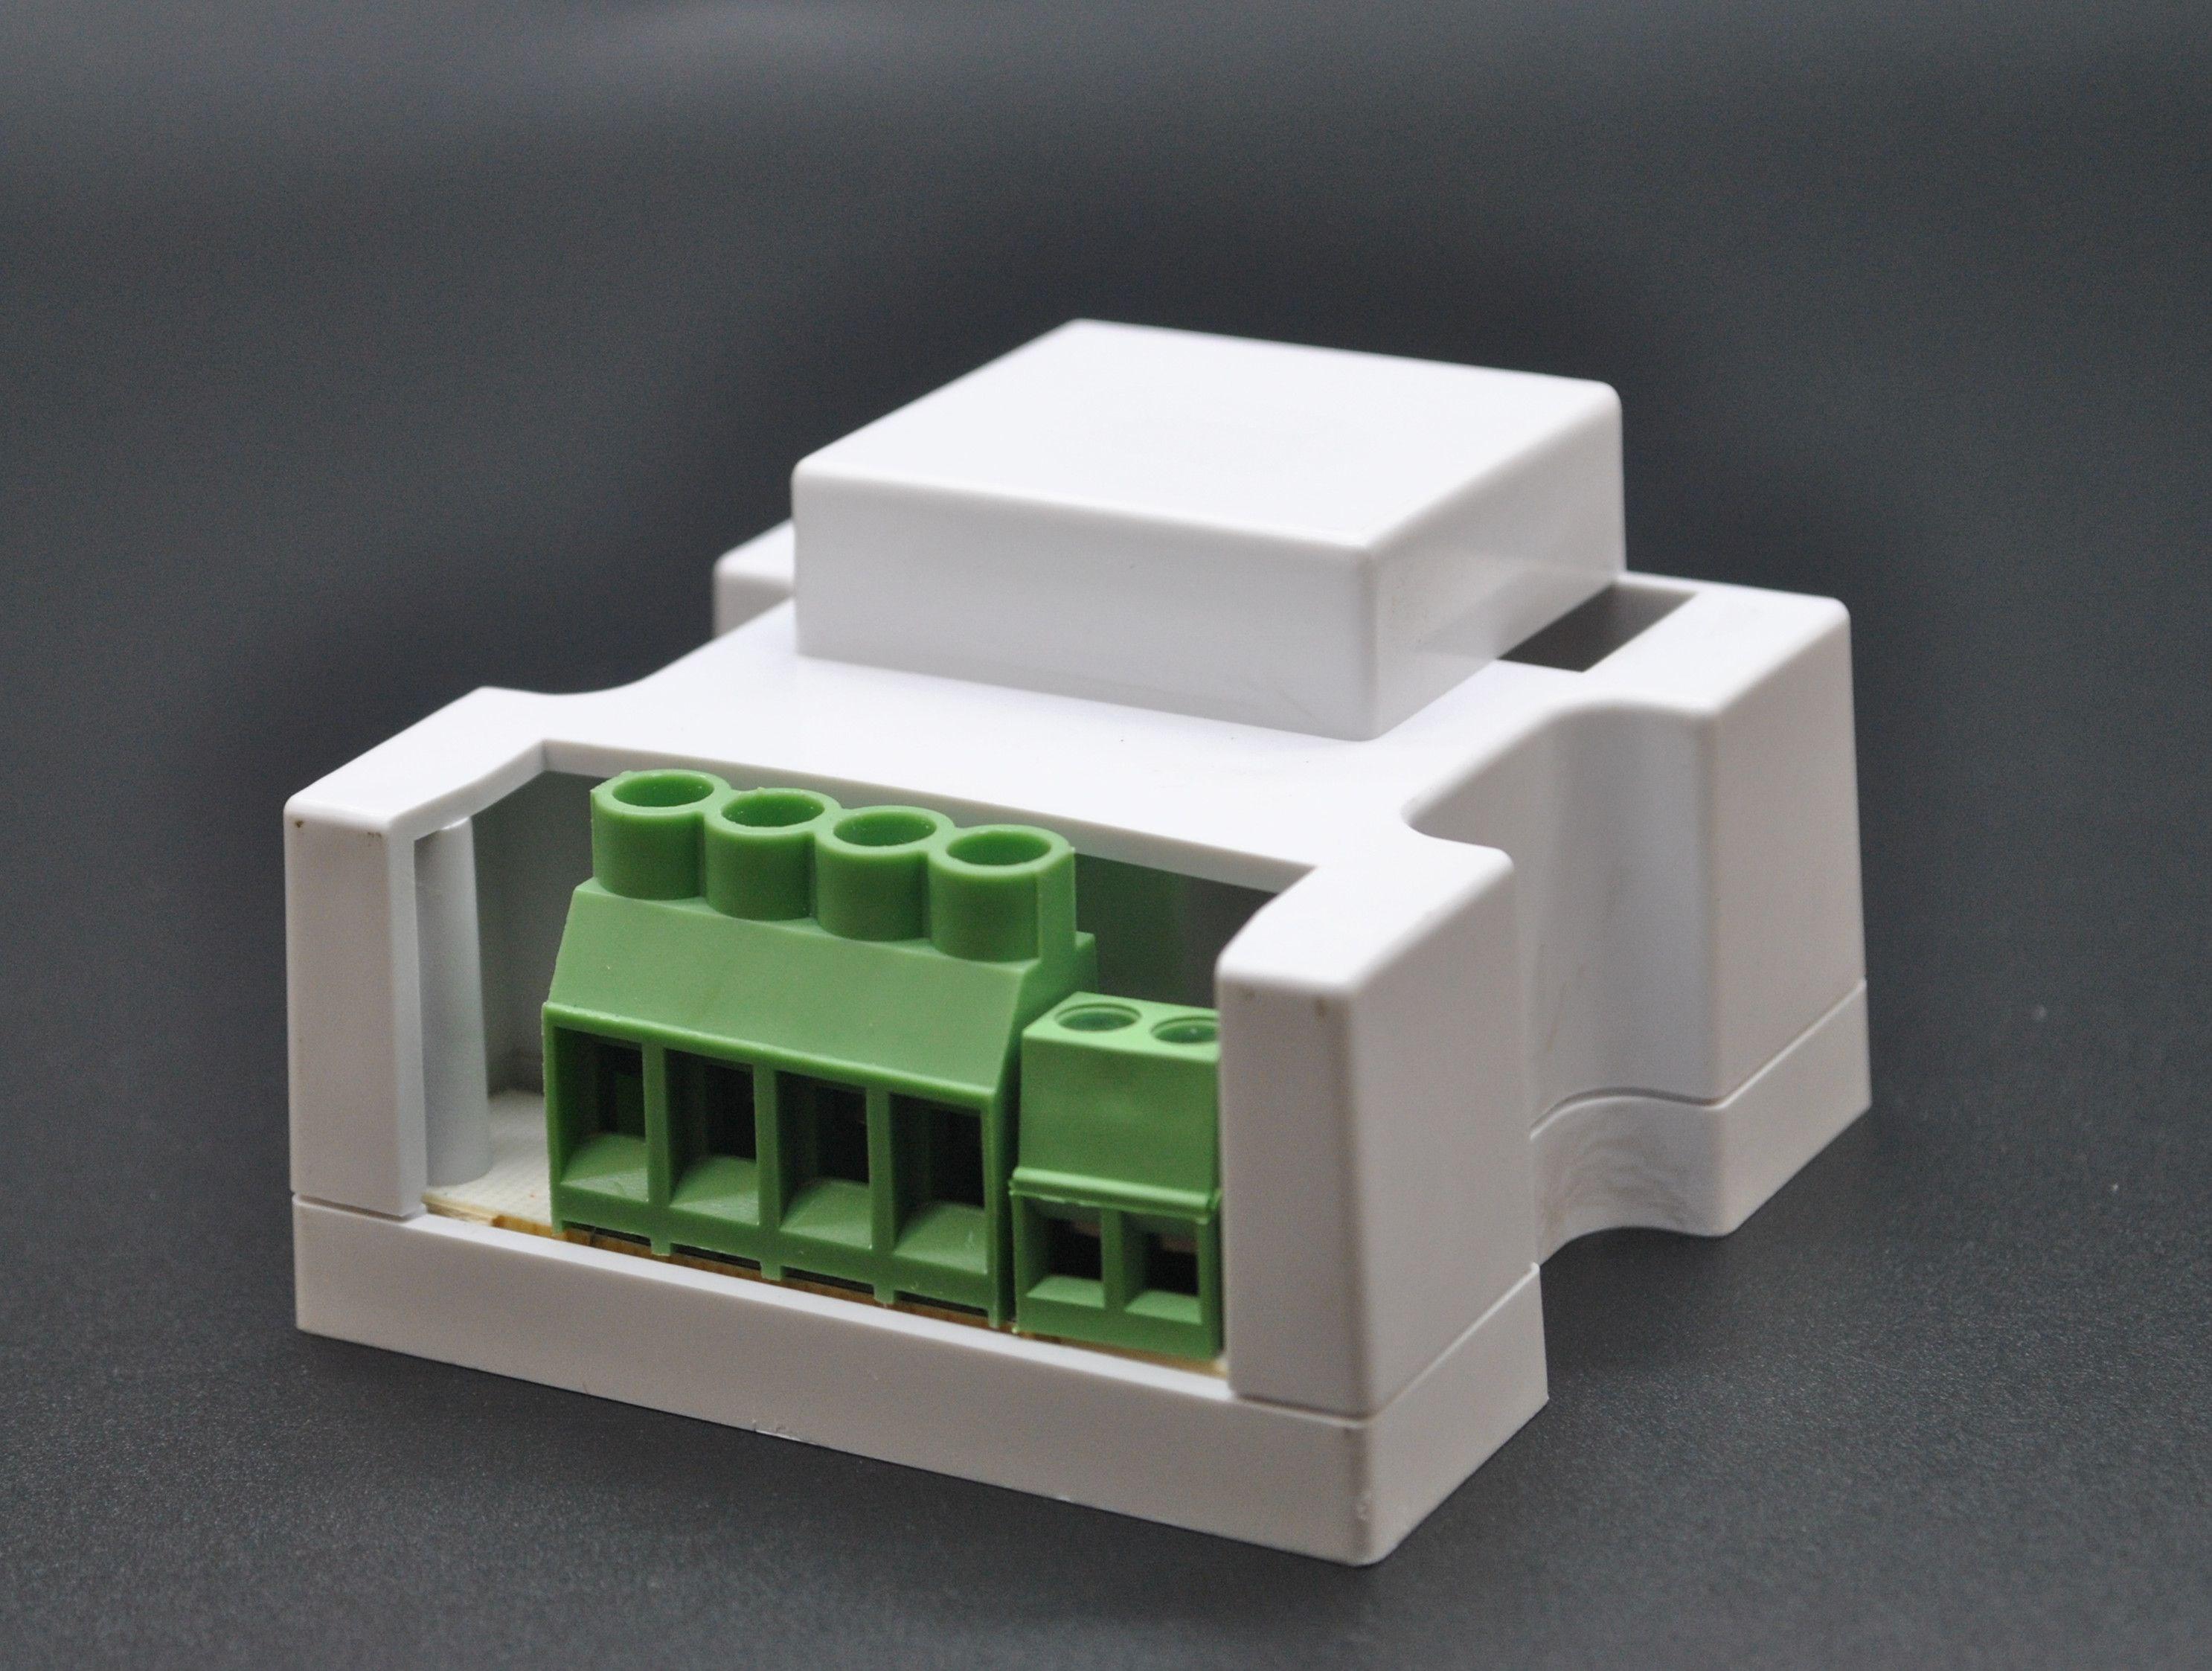 Chauffage électrique de courant électrique au régulateur de température de paroi d'extension de cristal de carbone chaud de film de chauffage électrique de câbles de dérivation à titre gracieux